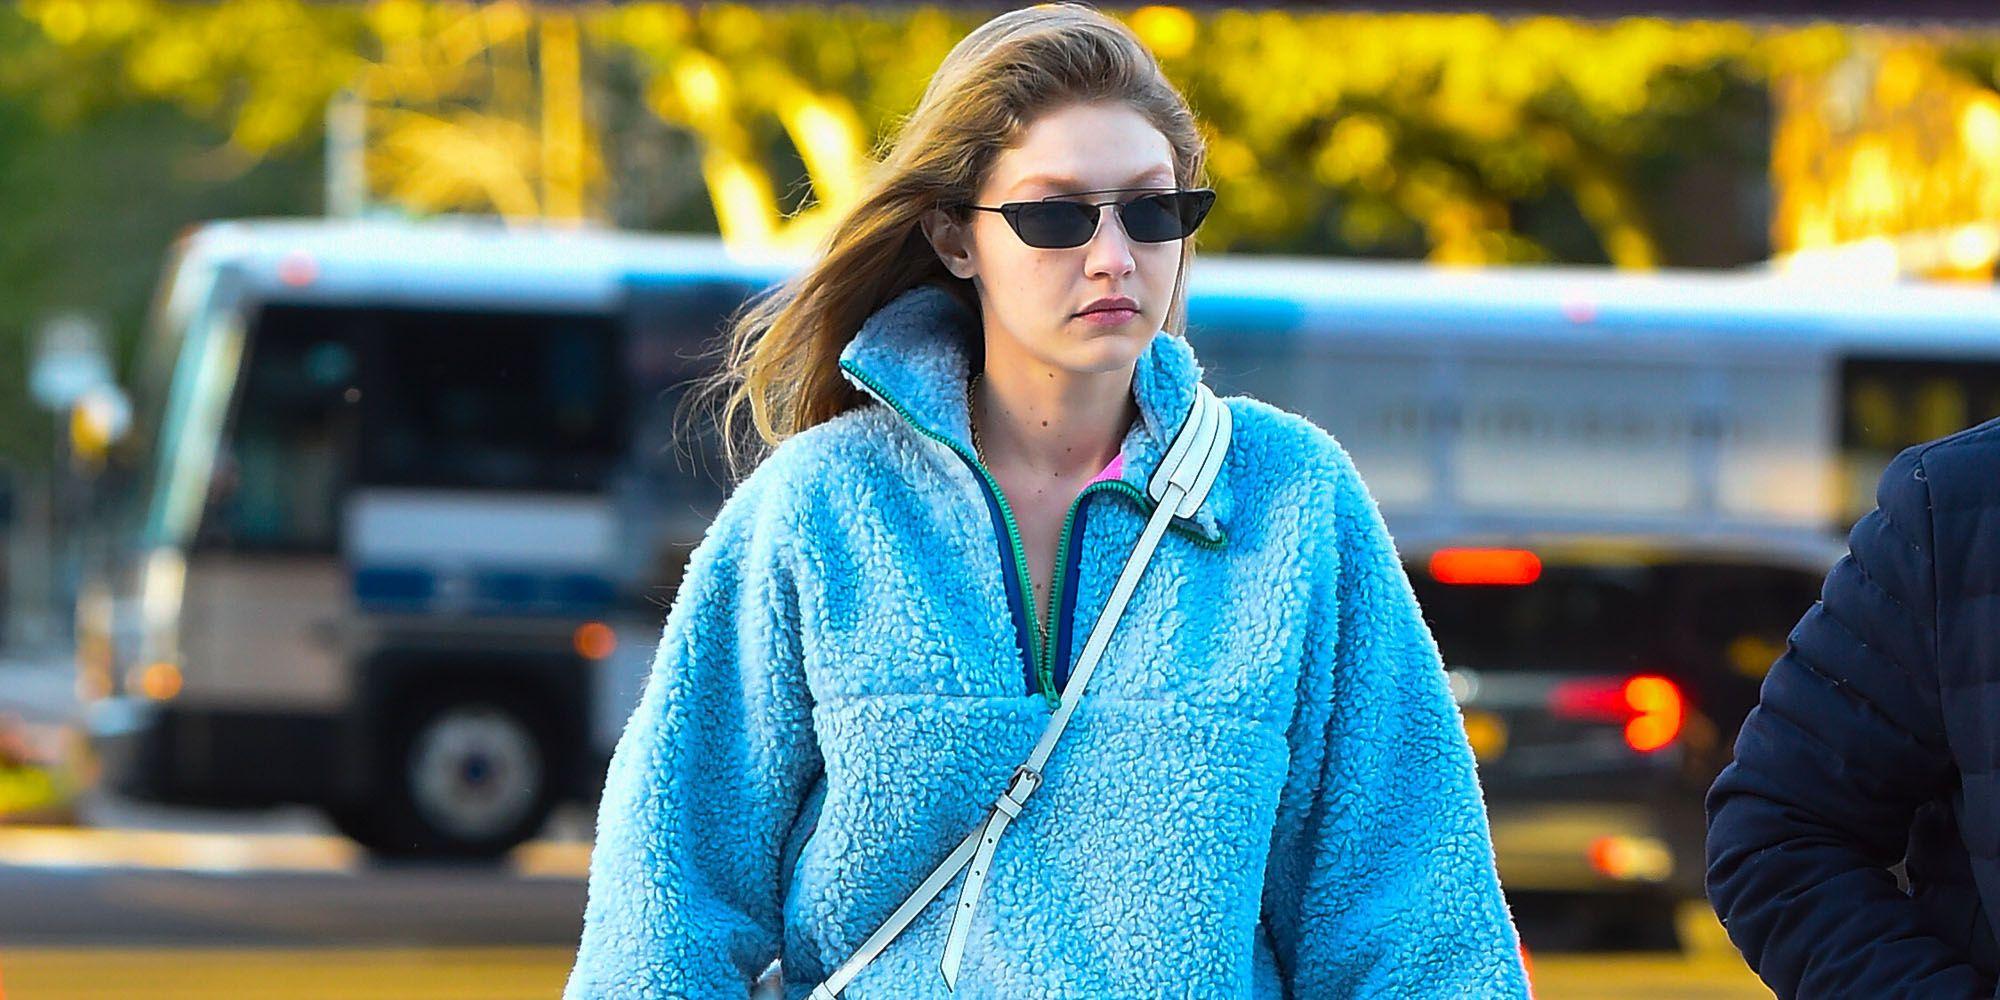 Gigi hadid fleece vest, fleecejack, but is it fashion